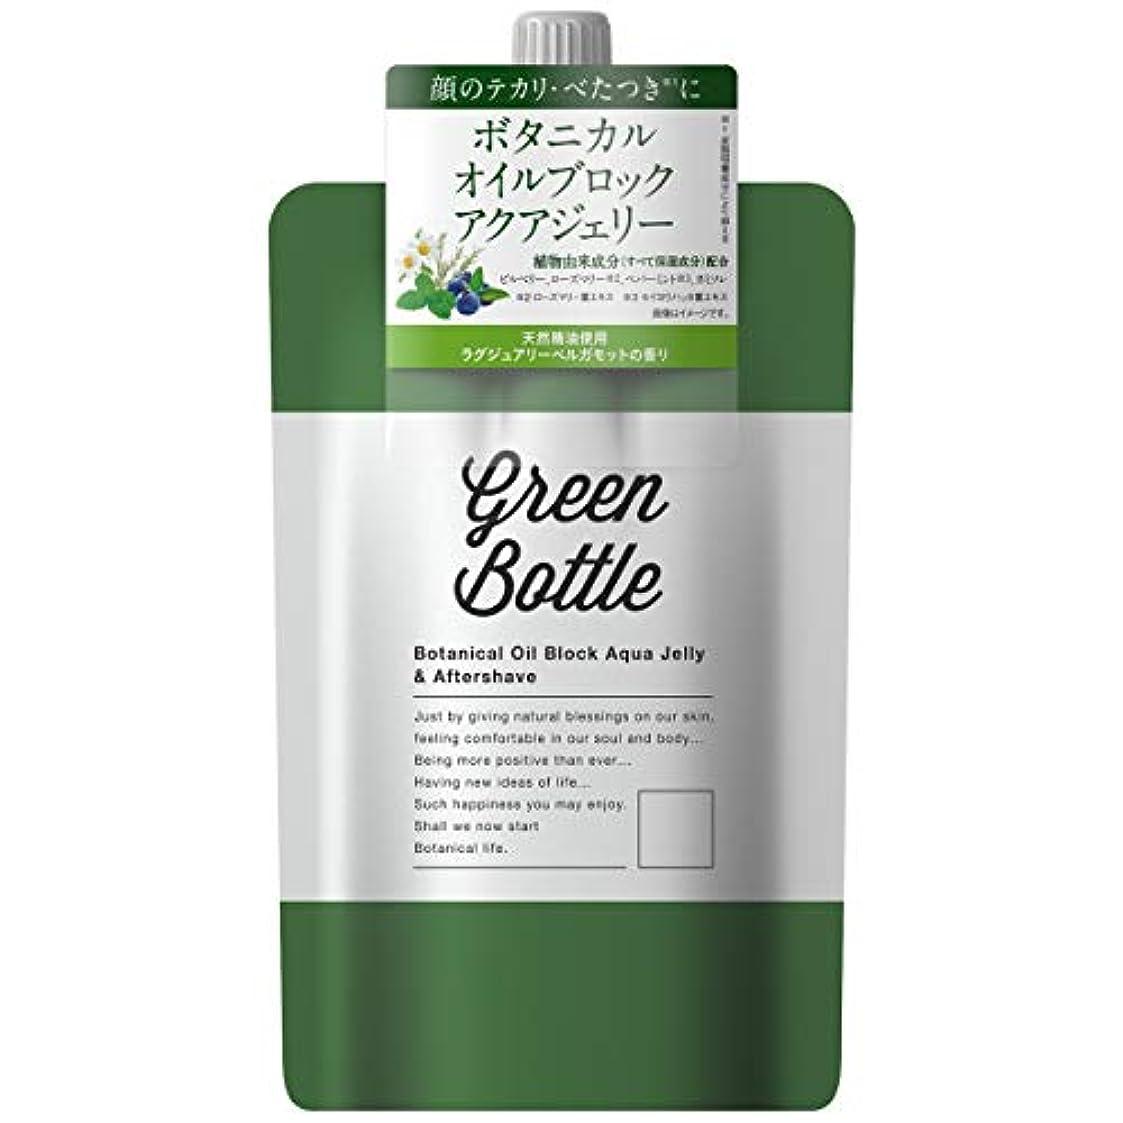 全滅させるぴったりトランペットグリーンボトルボタニカル グリーンボトル ボタニカルオイルブロックアクアジェリー 化粧水 ラグジュアリーベルガモットの香り 150g